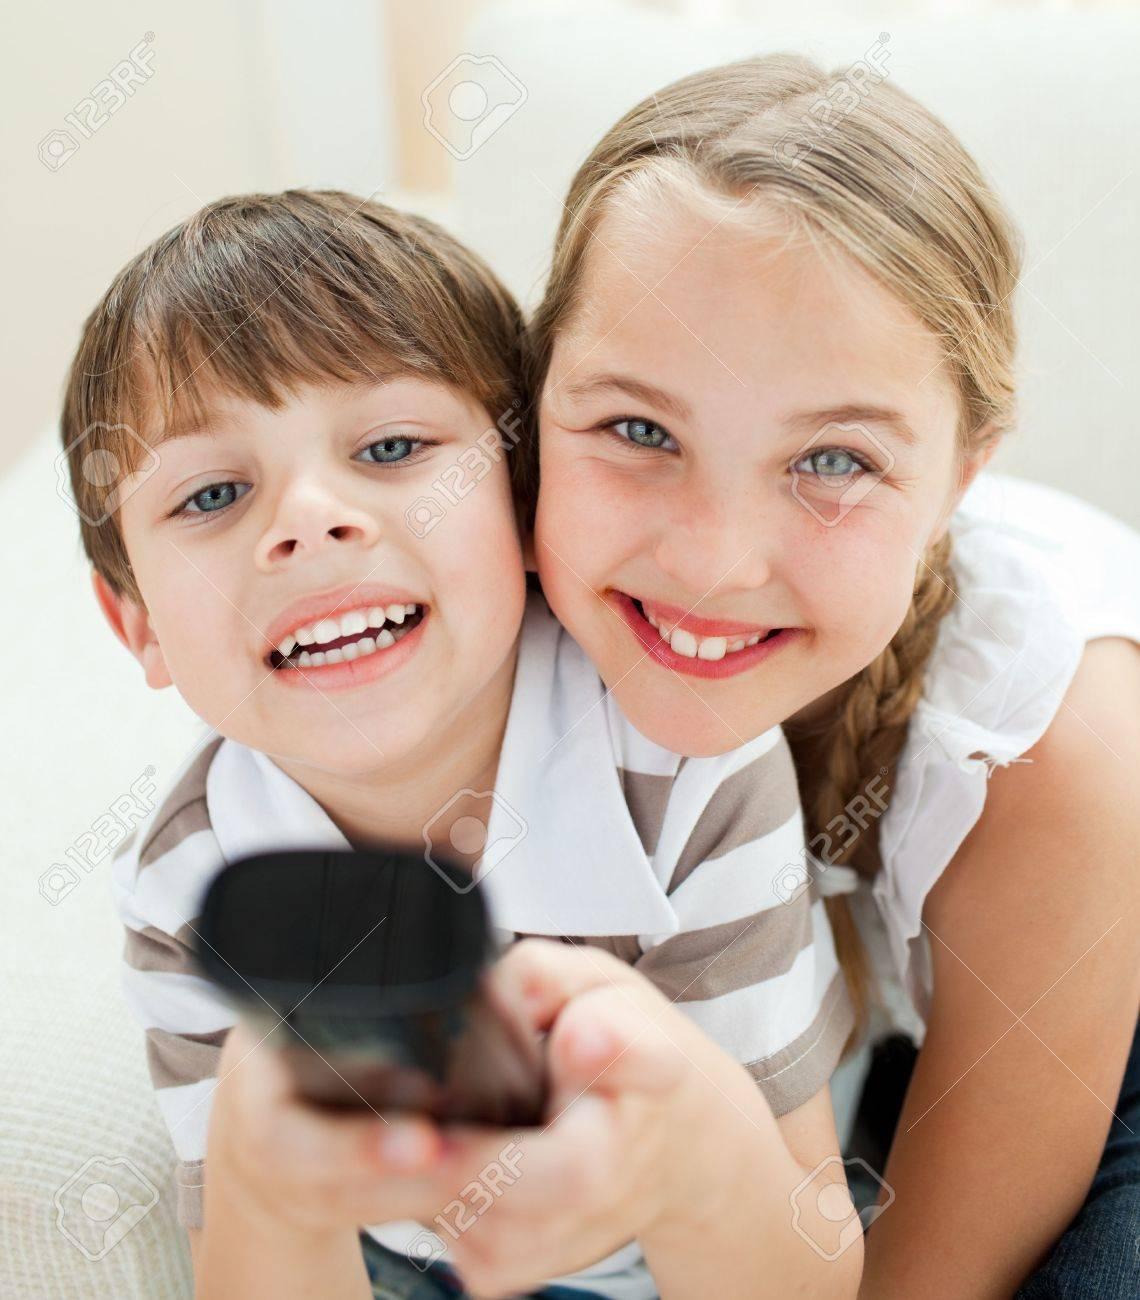 Восемьсот граммов секс картинки брат с сестрой был